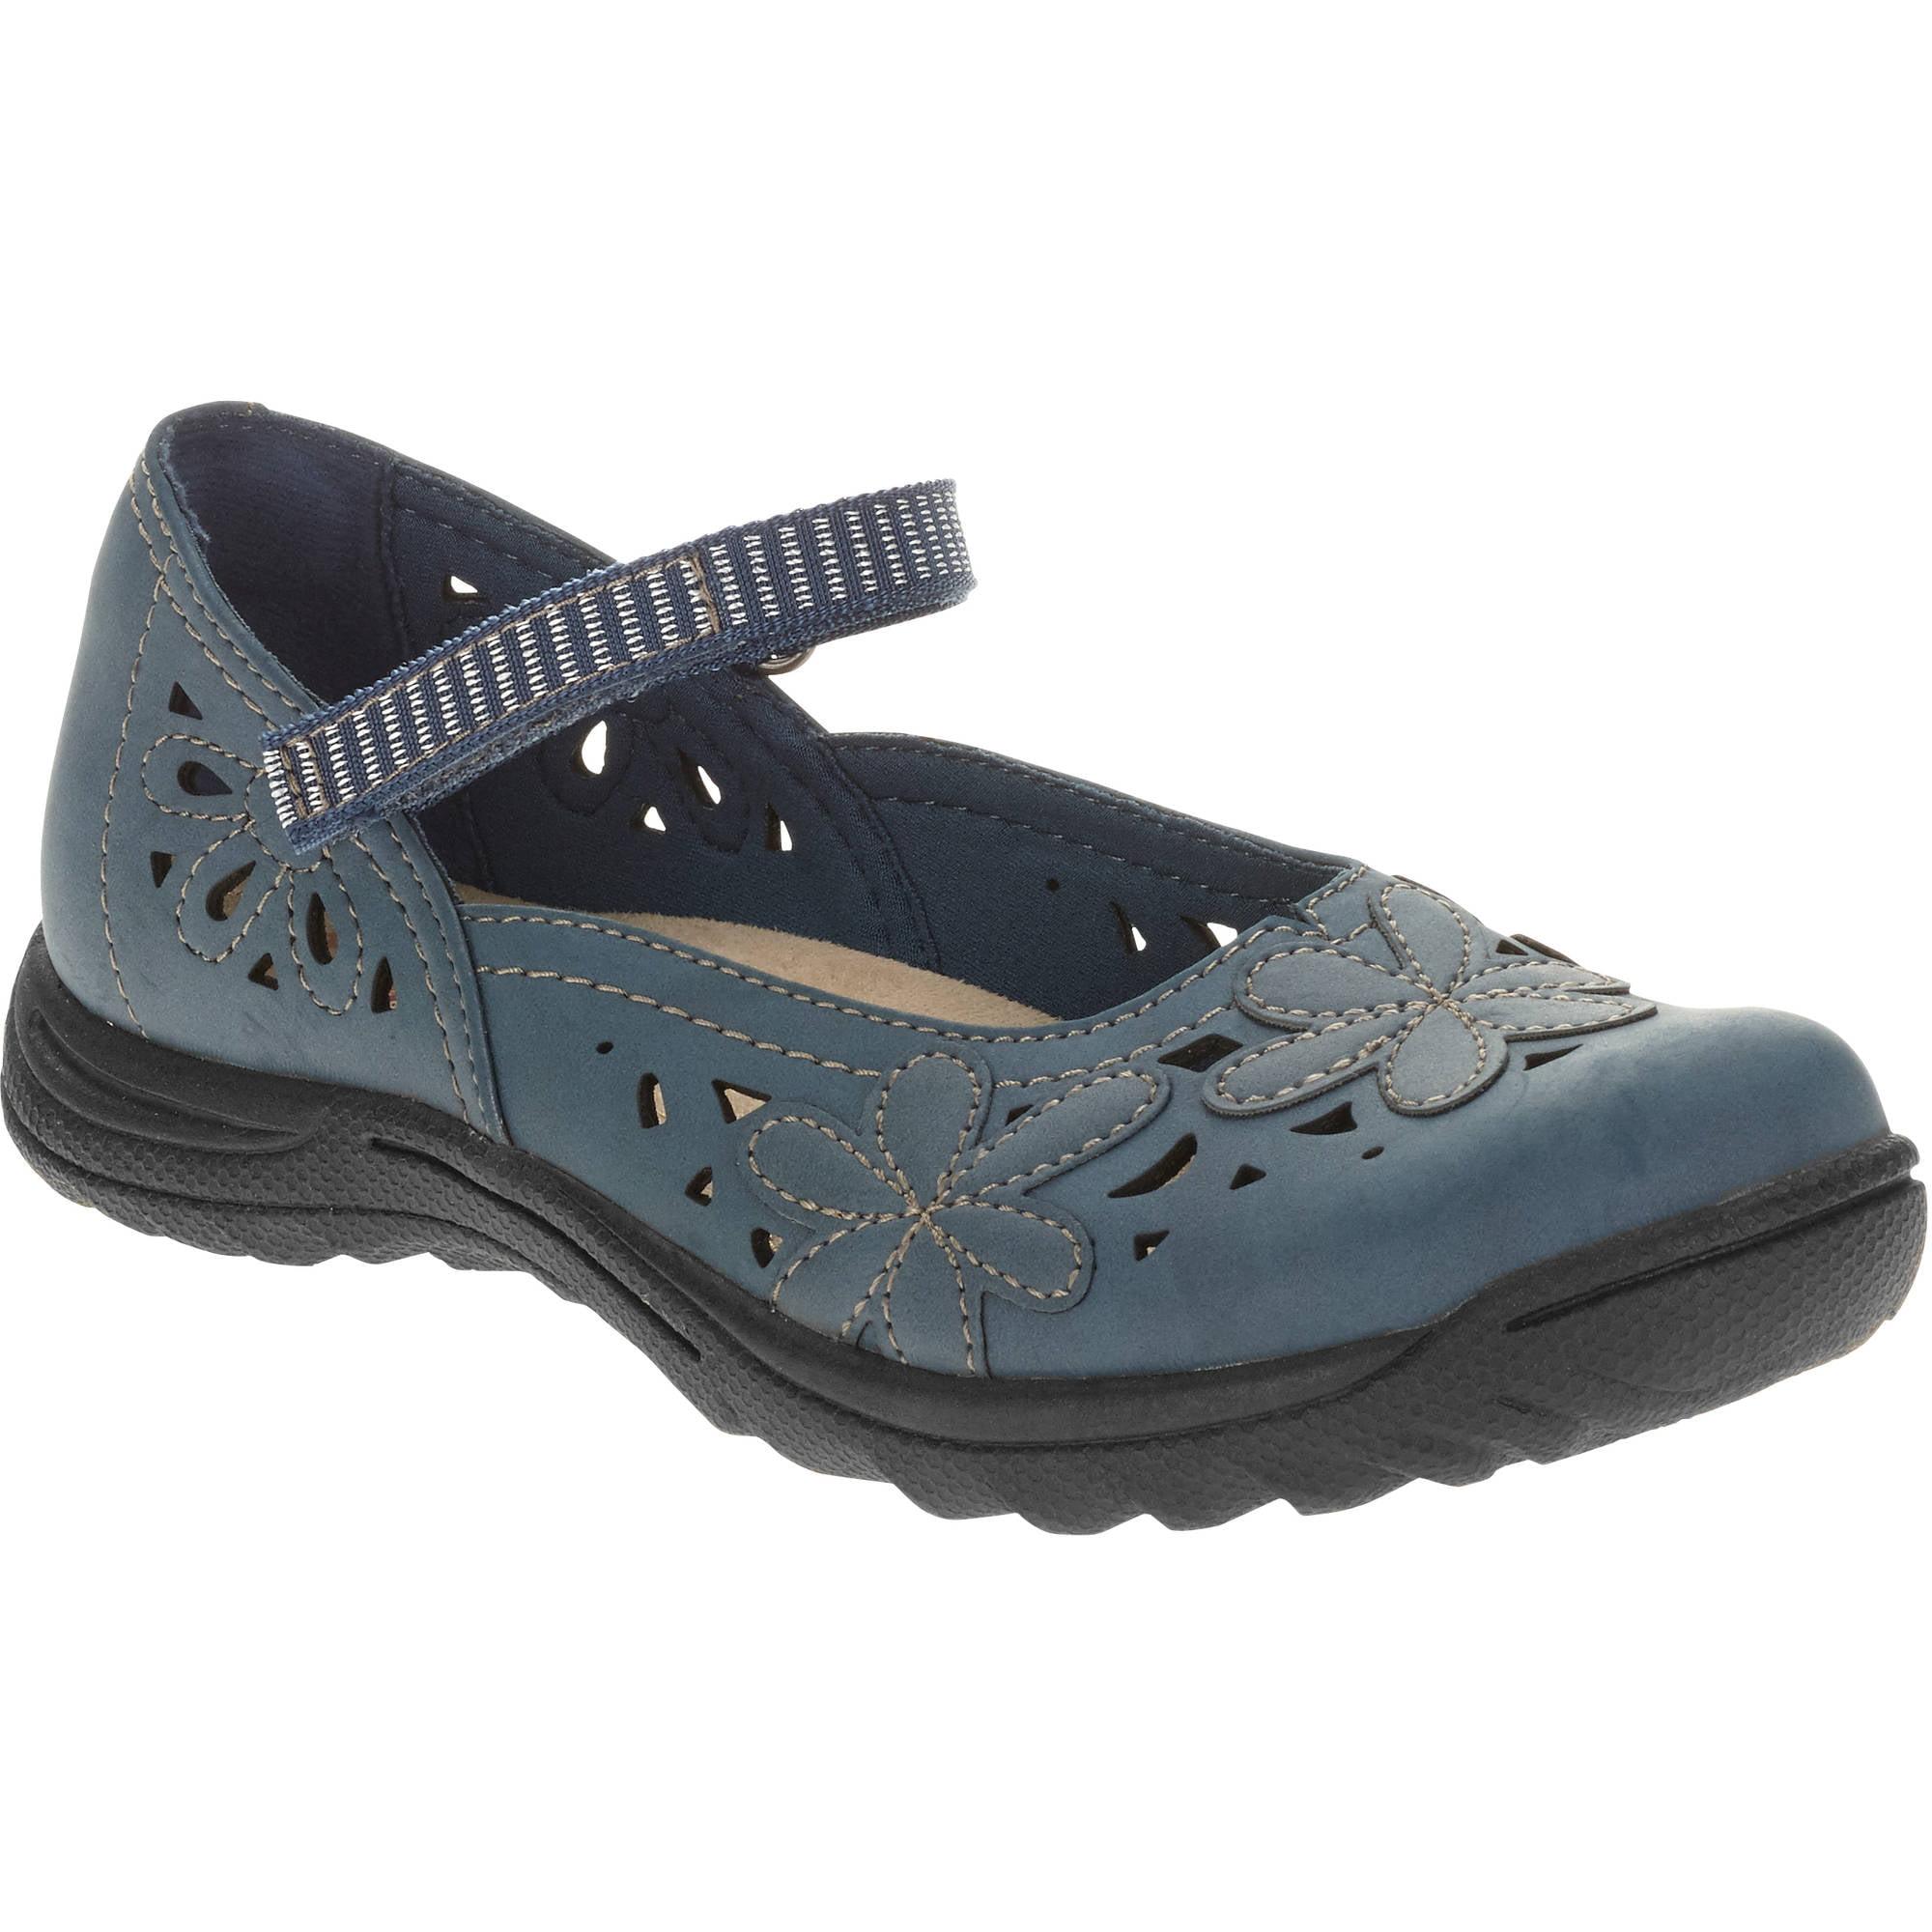 Earth Spirit Women's Flower Casual Sport Shoe by